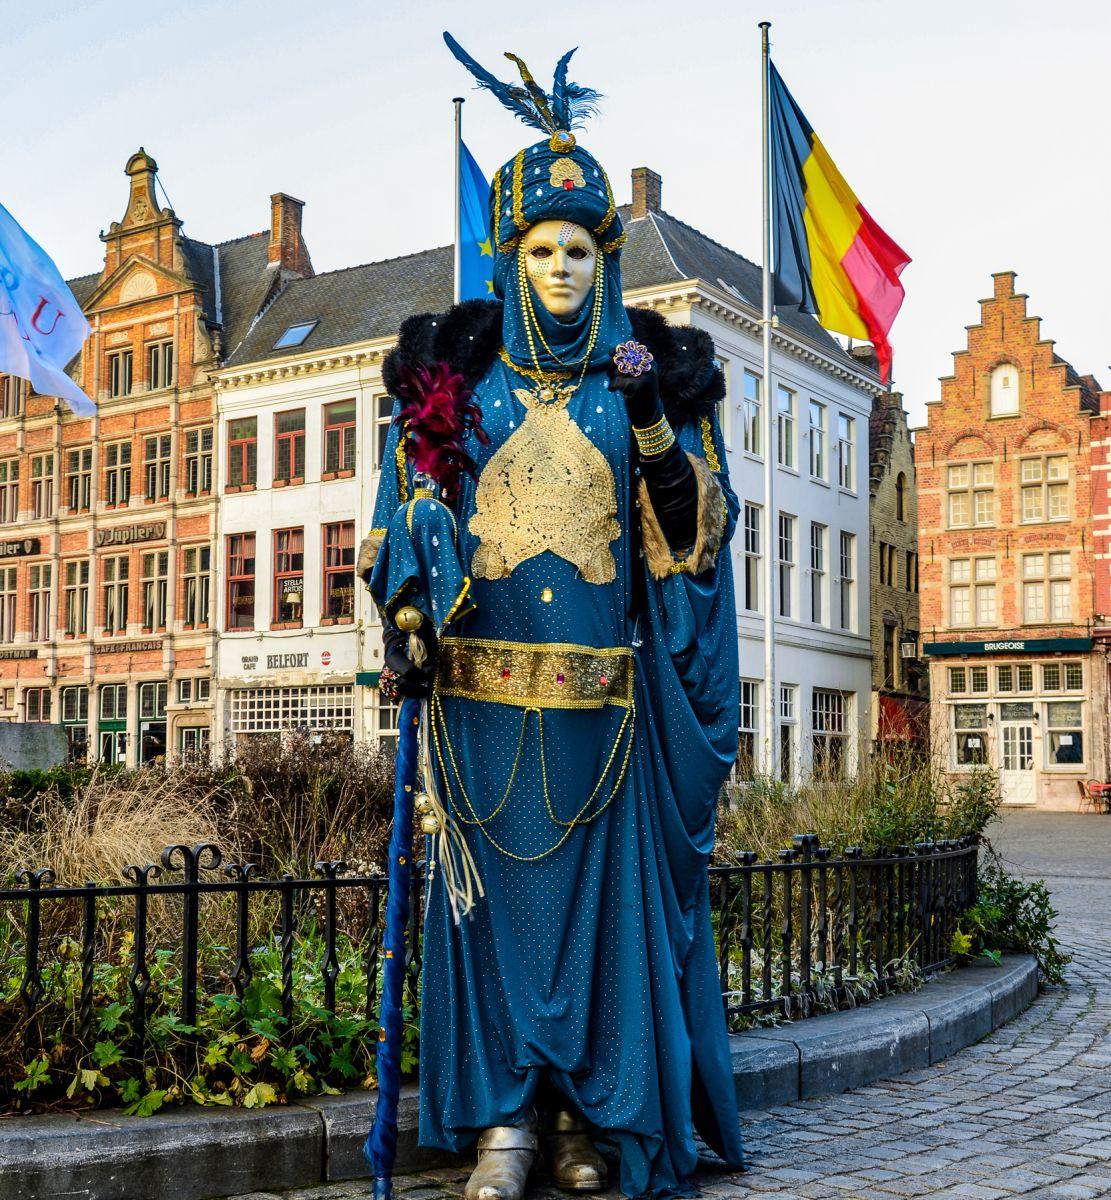 Markt. Brugge